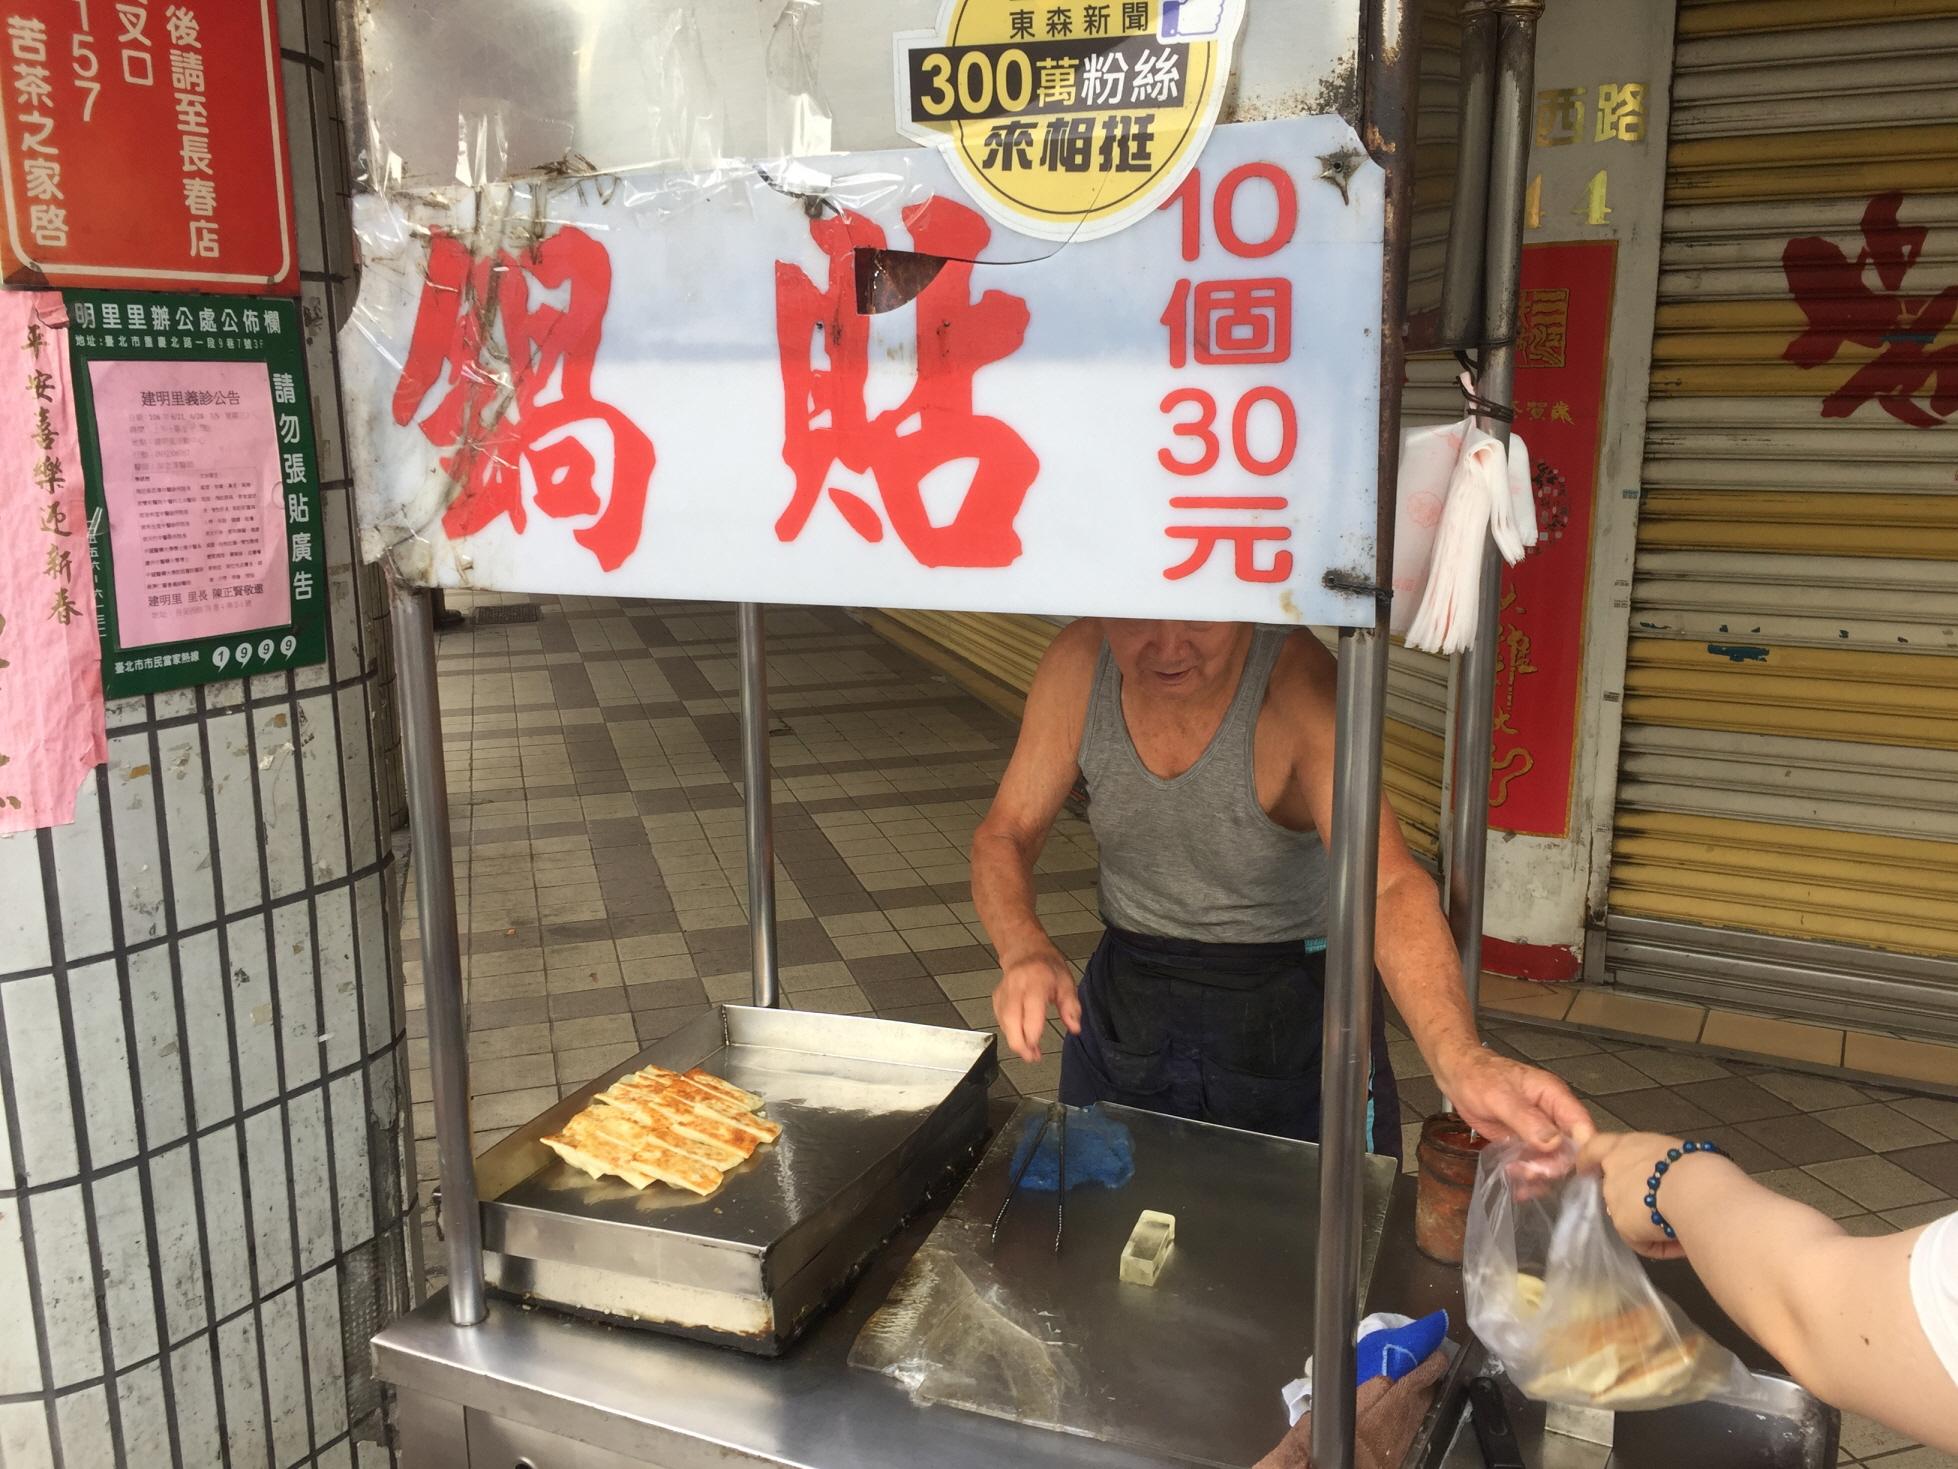 [대만먹방 2-9] 할아버지가 파는 10개 30원 군만두